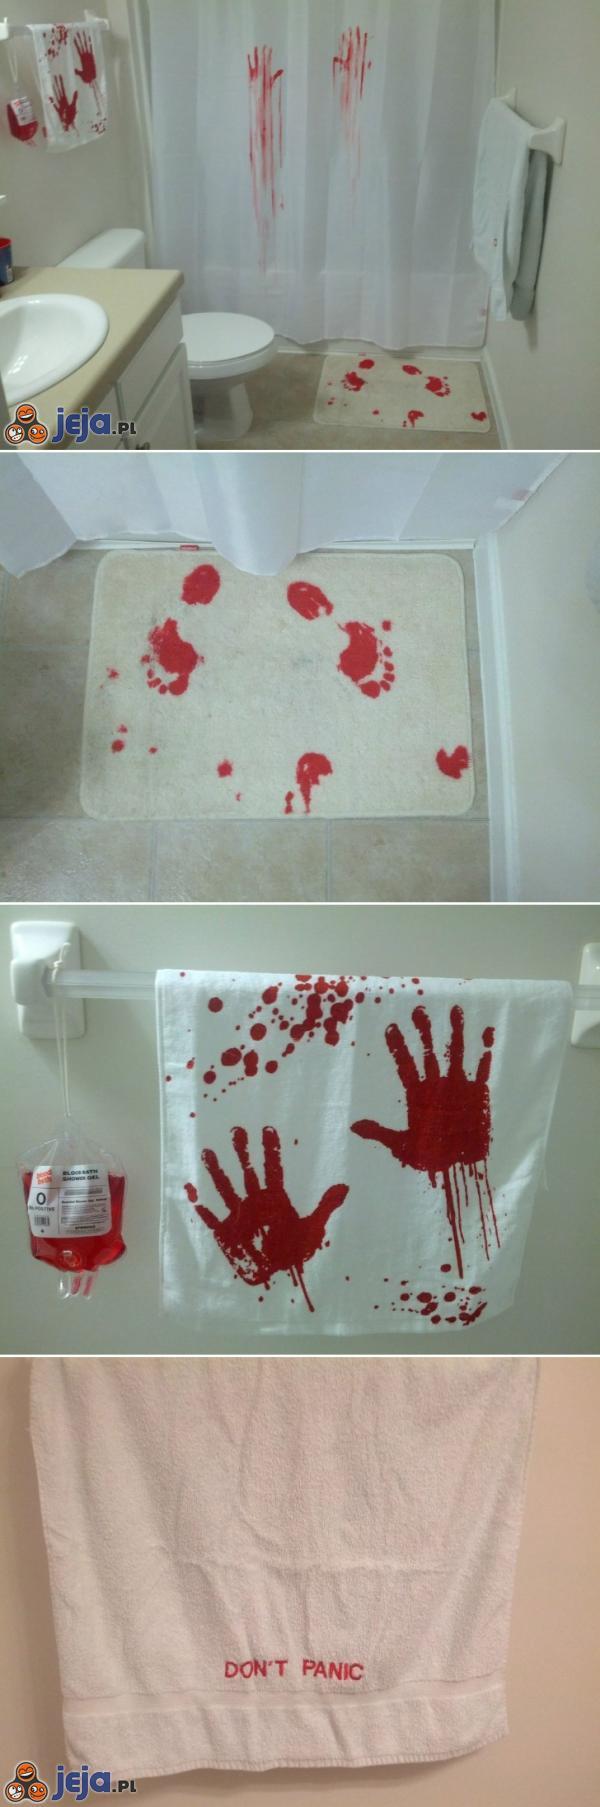 Przerażający wystrój łazienki